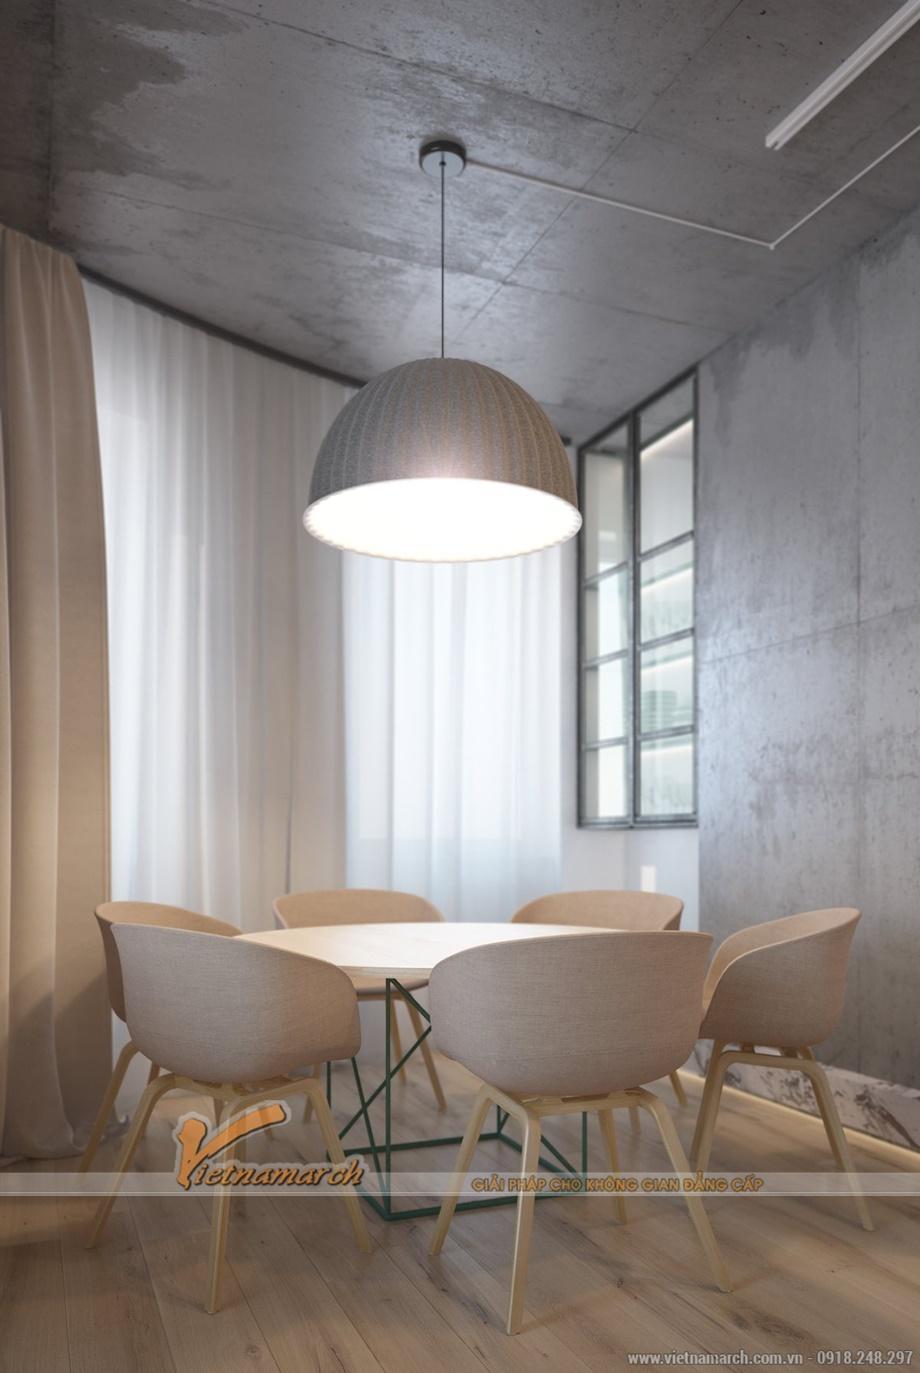 Trần bê tông đặc trưng của căn hộ chung cư Goldmark